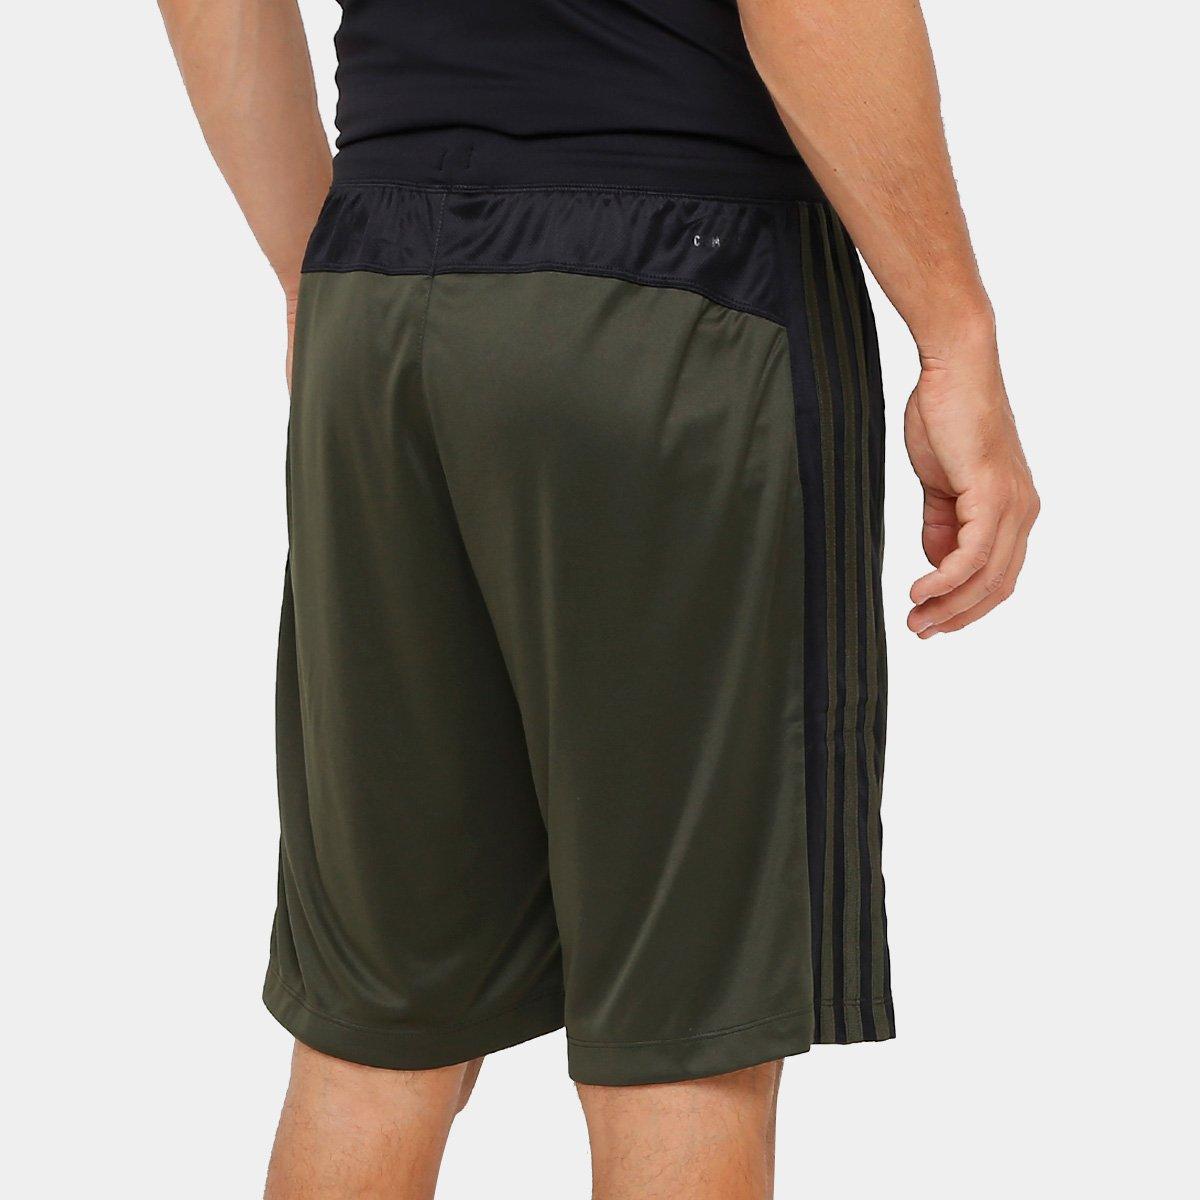 f1cfc3dc23a ... 67e9425d66 Short Adidas D2M 3S Masculino - Verde e Preto - Compre Agora  ...